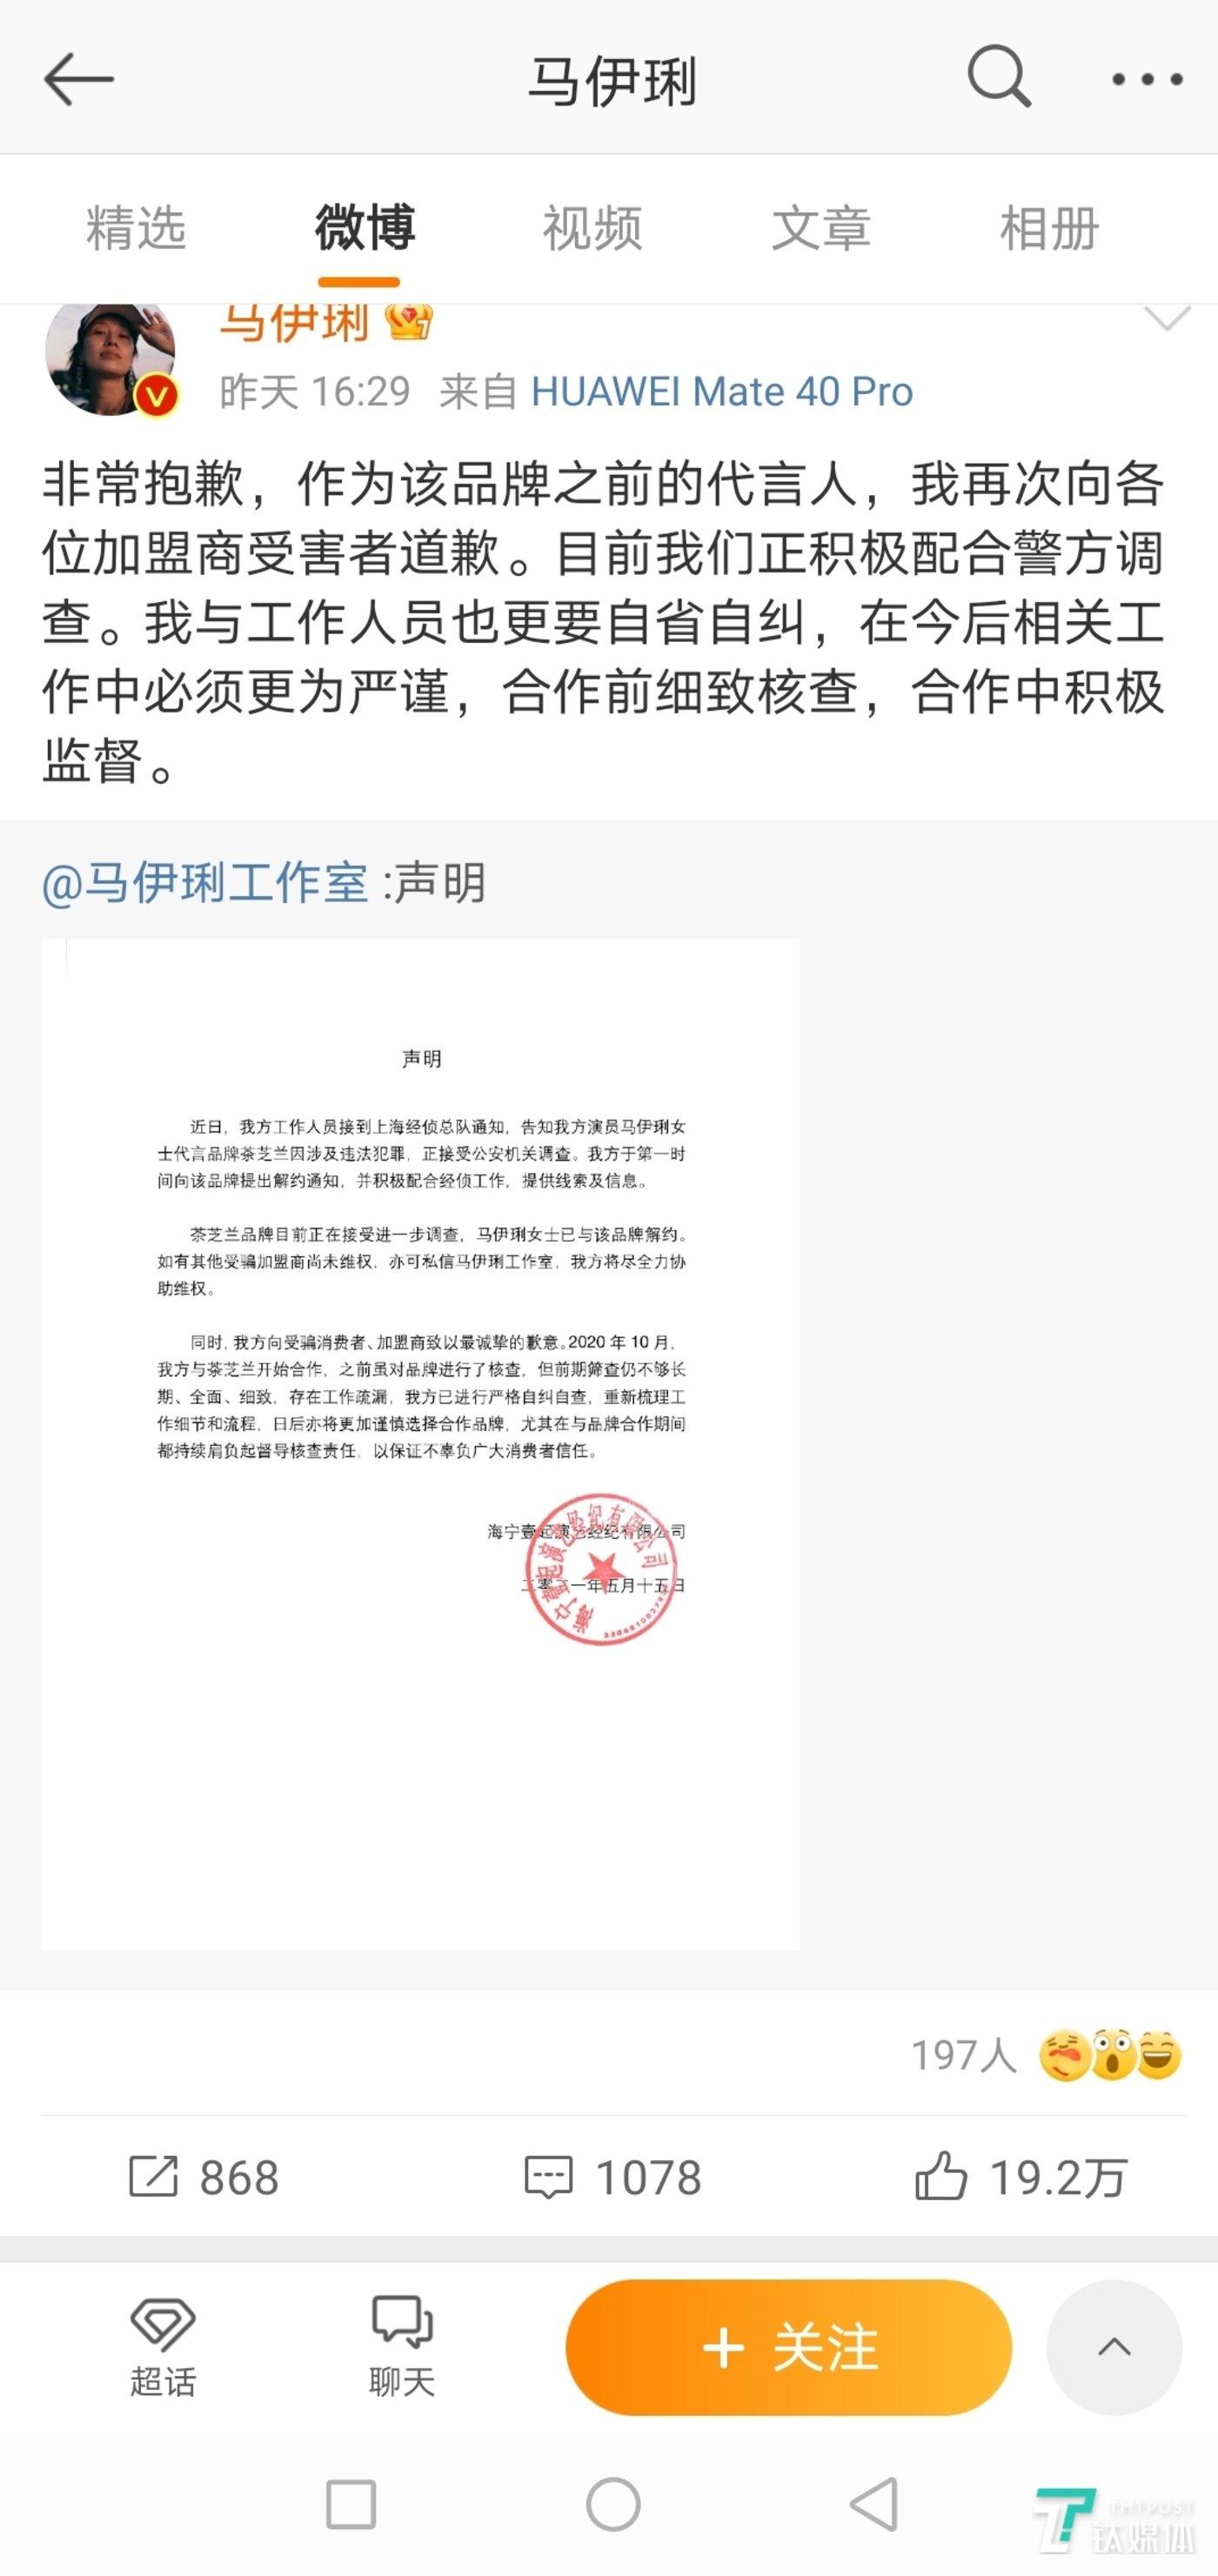 马伊琍针对代言品牌涉嫌诈骗的道歉